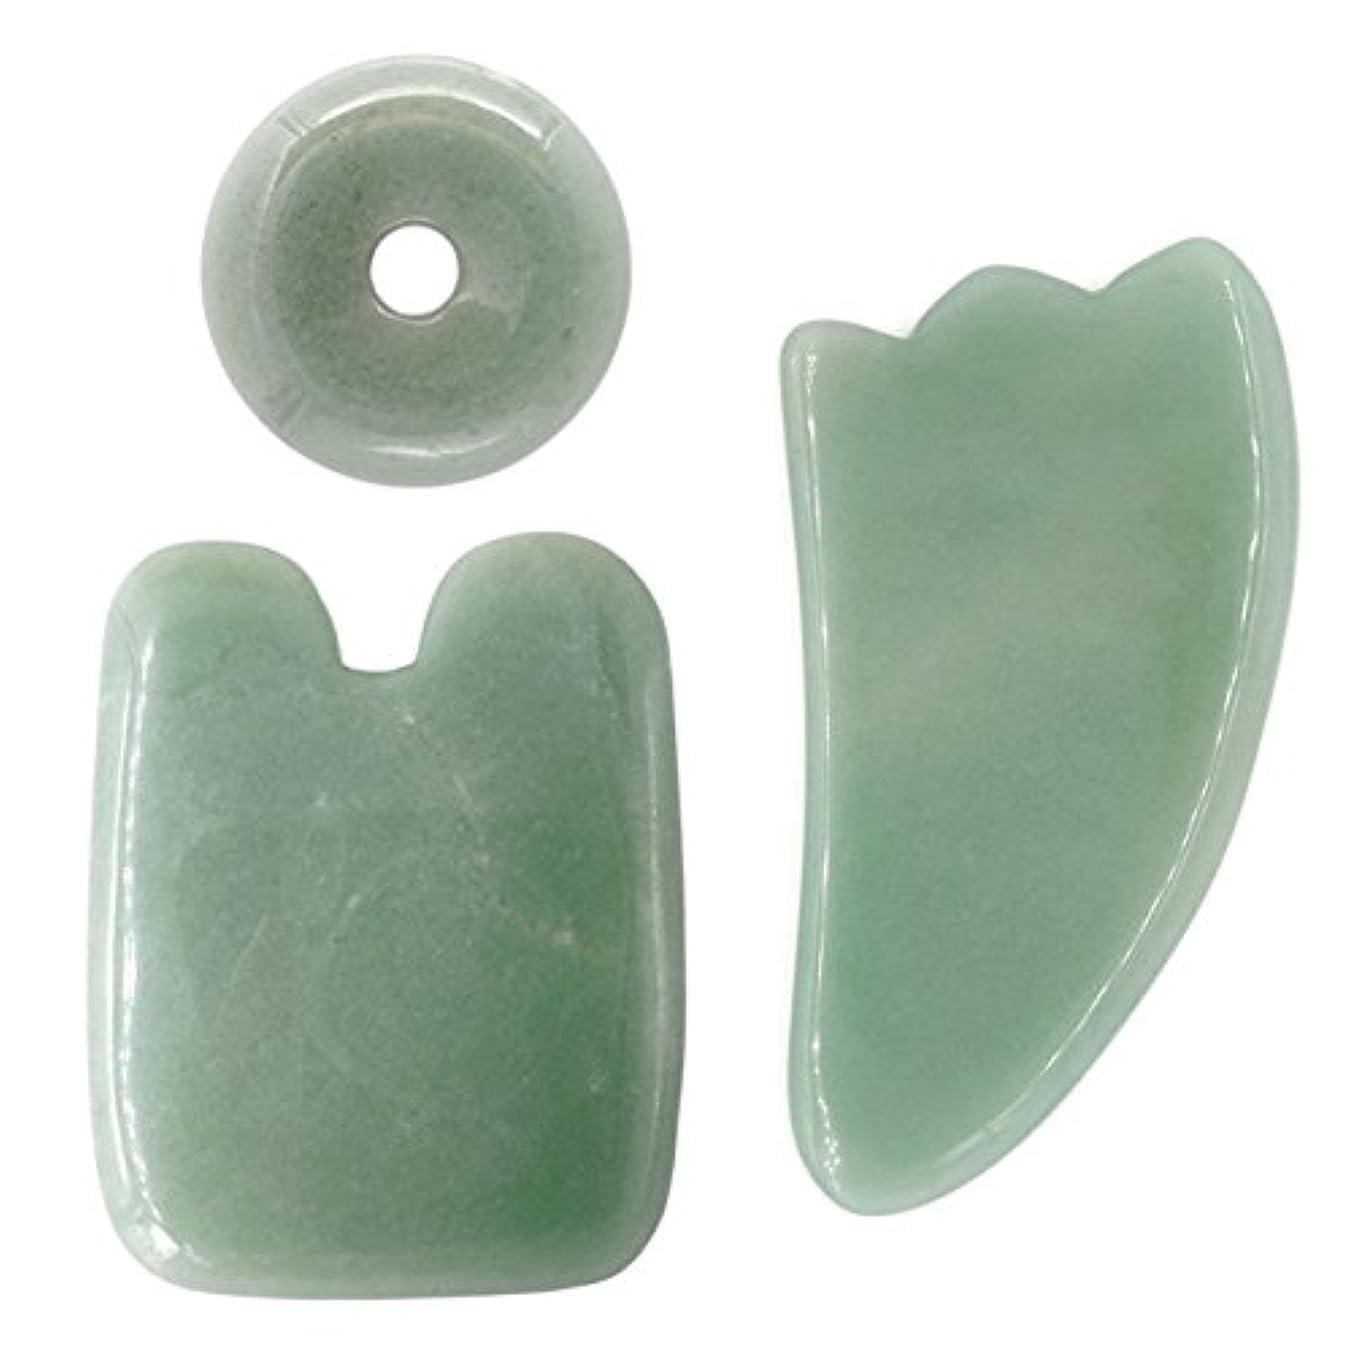 講義連邦黒3点セット3pcsFace / Body Massage Natural Jade Boardかっさプレート 天然石 翡翠(顔?ボディのリンパマッサージ)